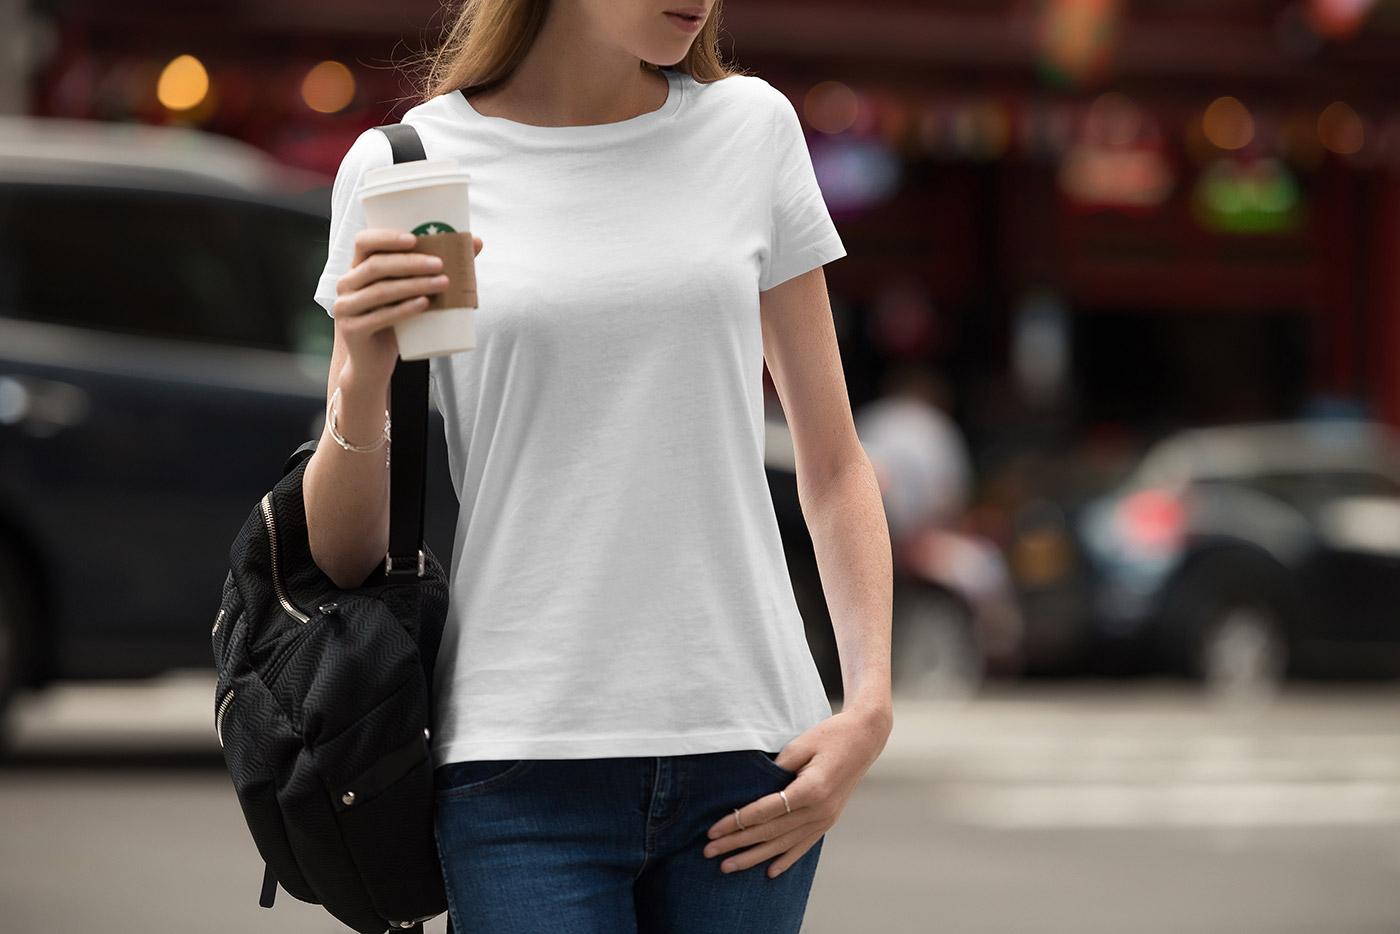 Девушки в белых футболках абсолютно